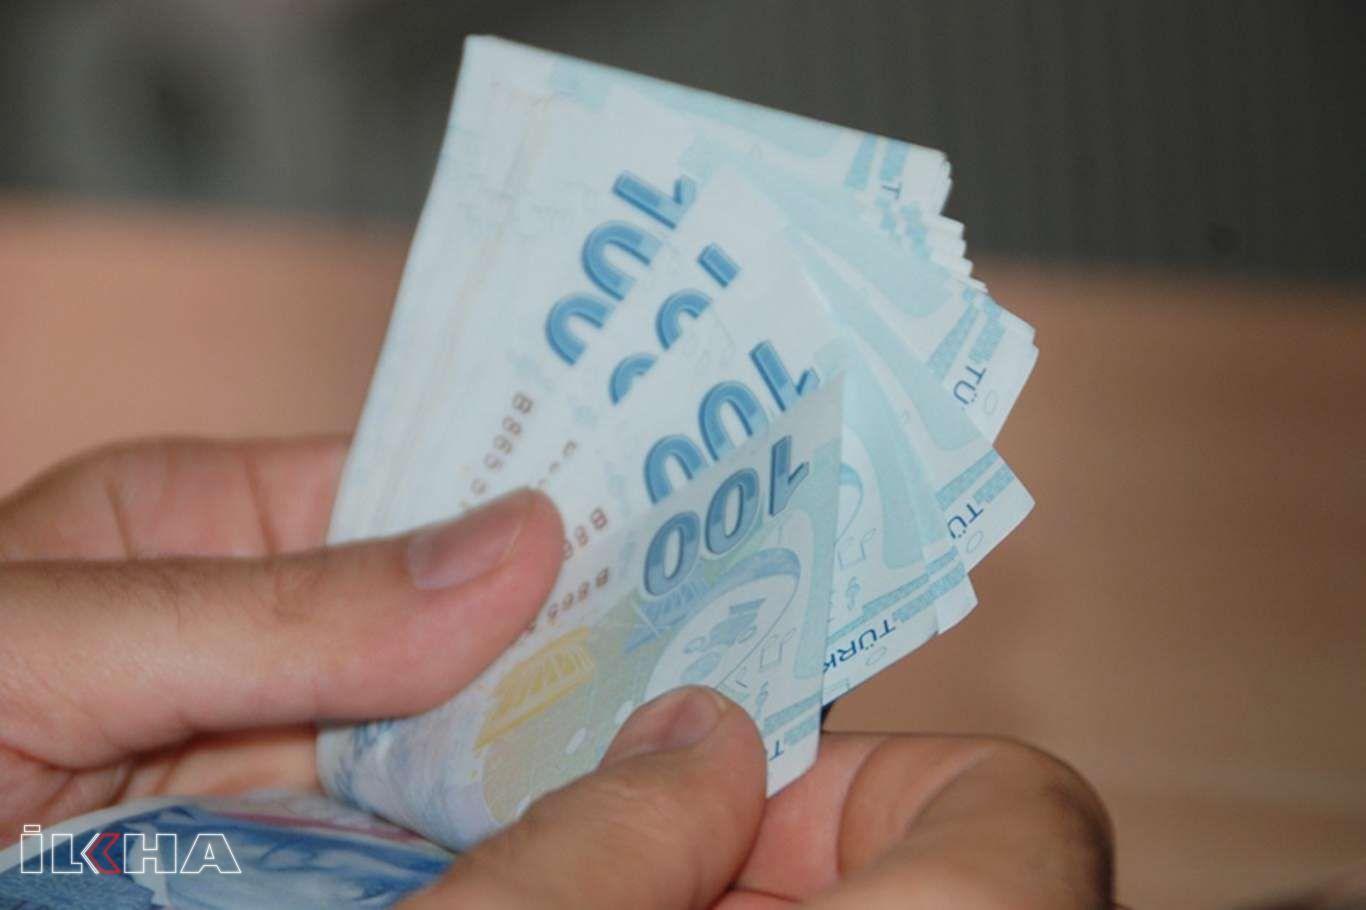 Vergi ödeme süreleri 31 Mayıs